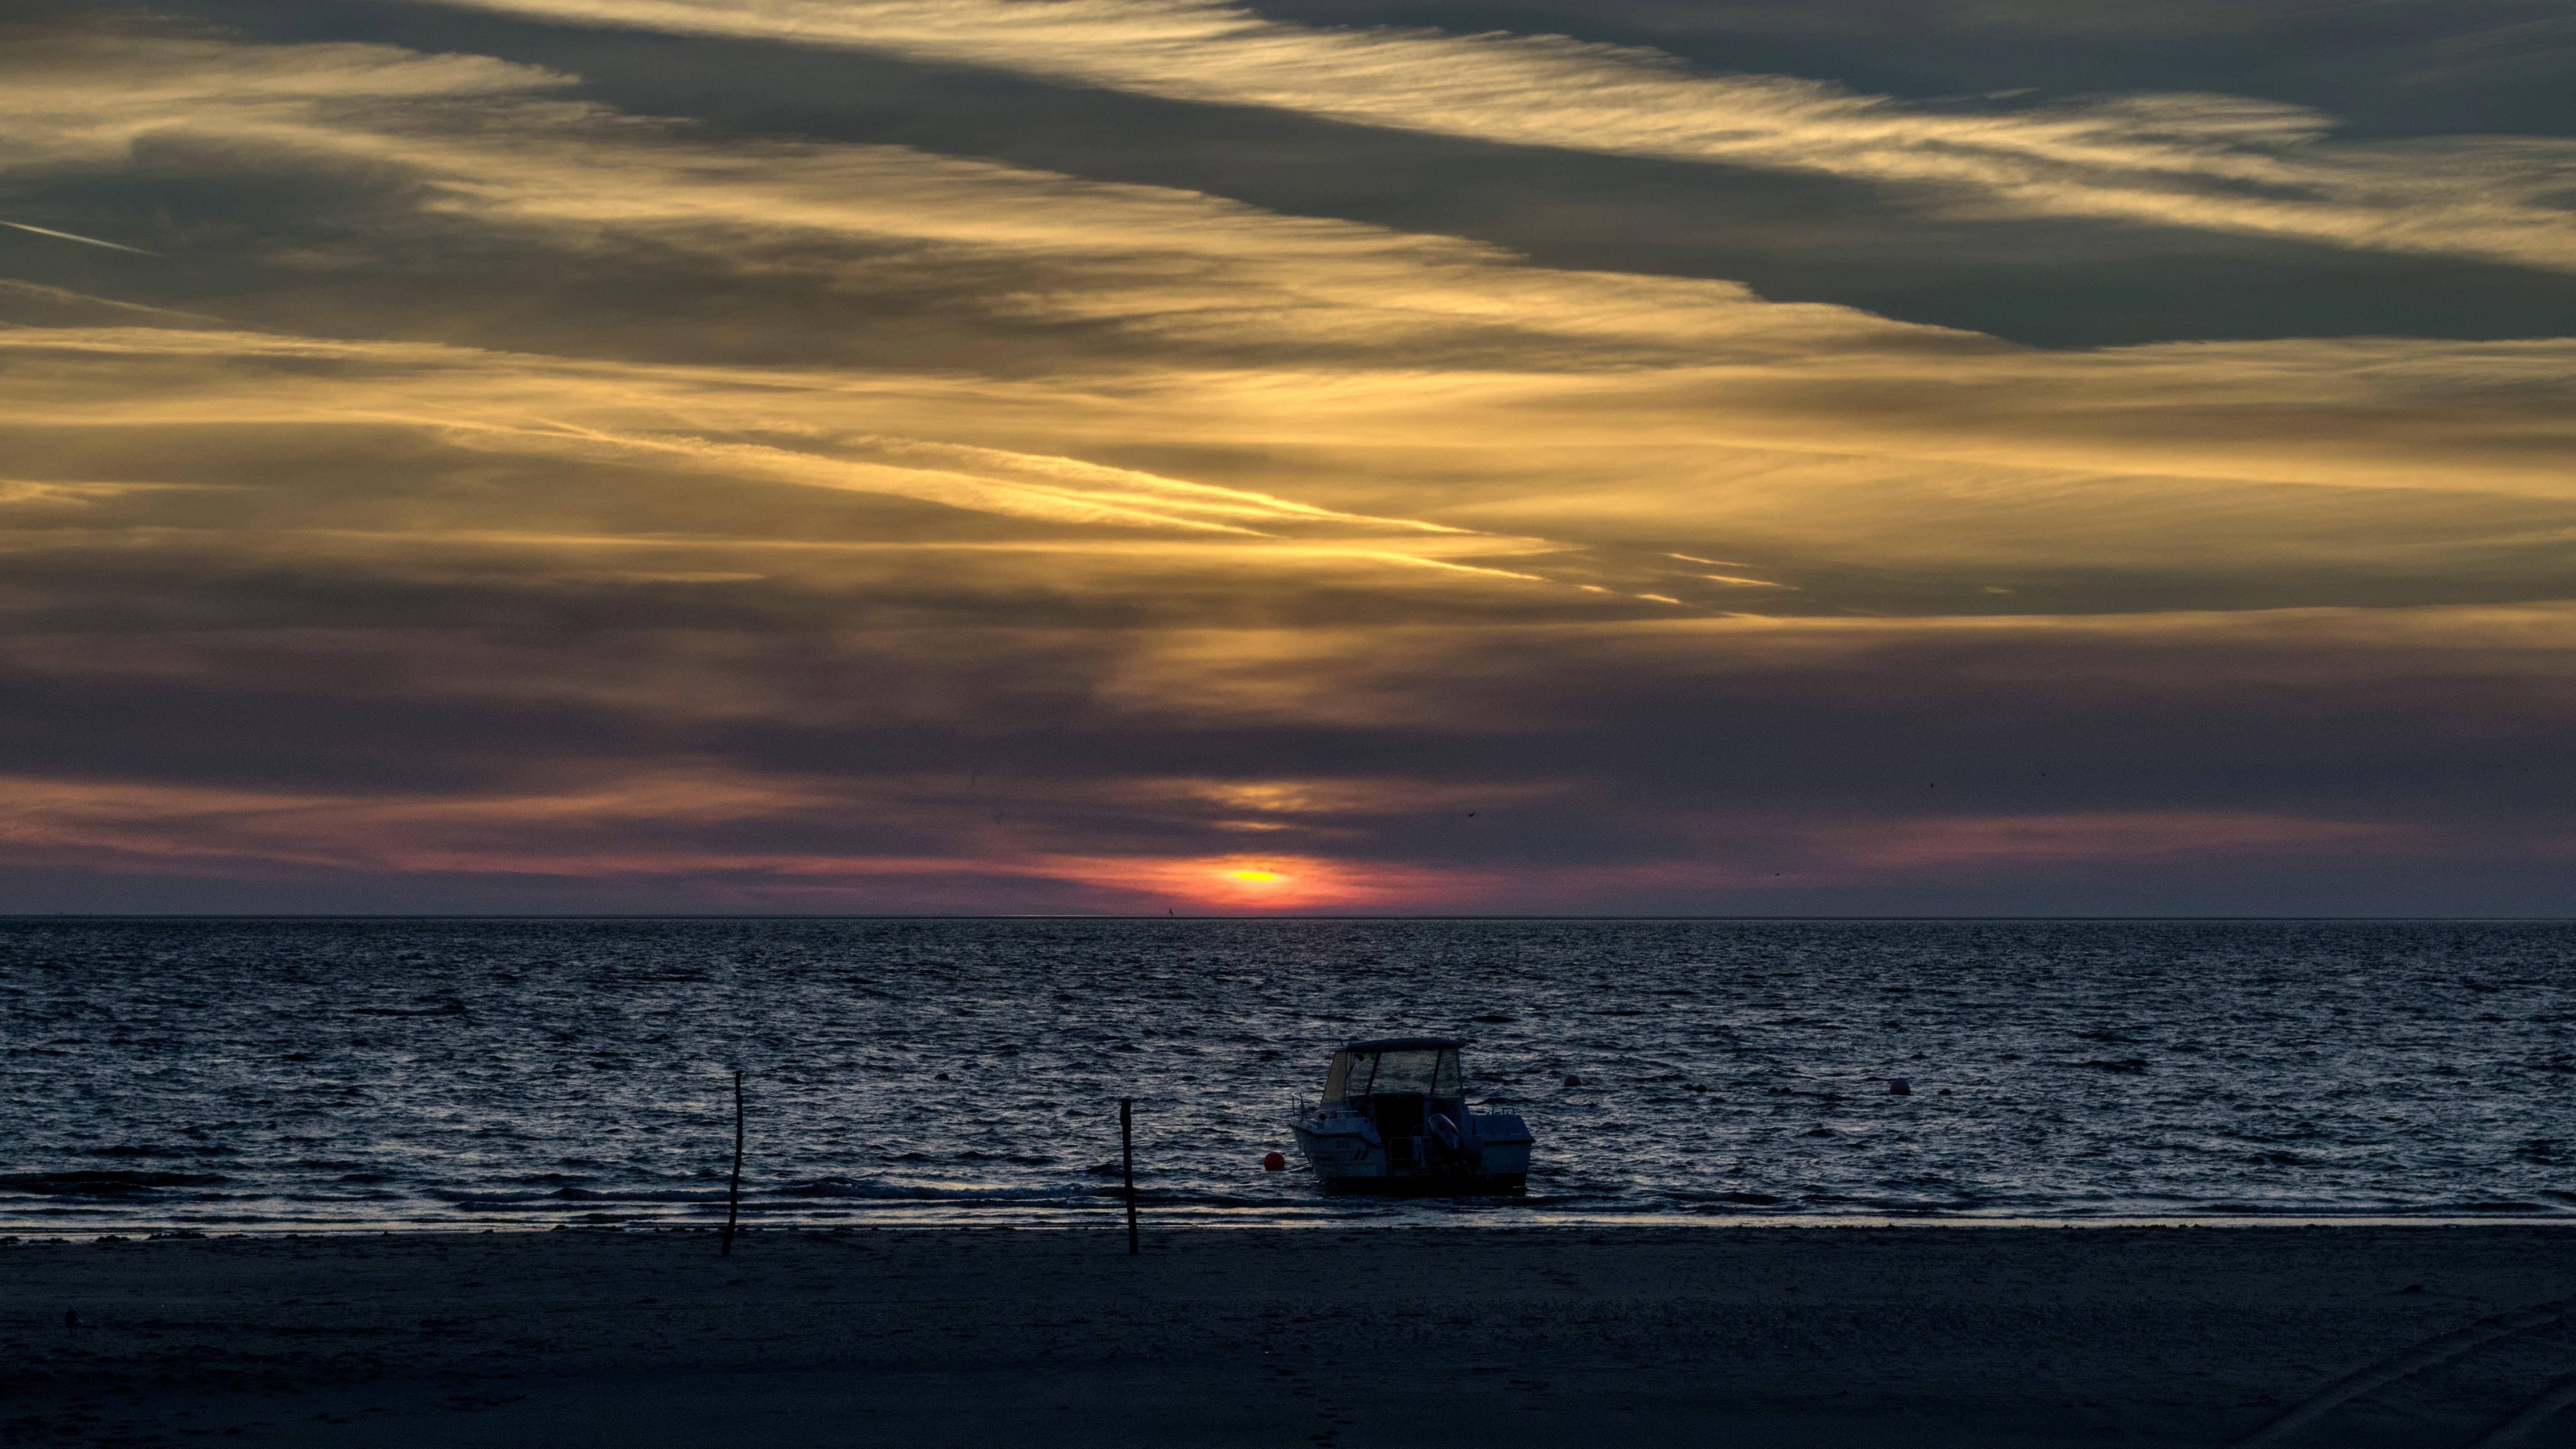 Foto Gratis Tramonto Acqua Alba Mare Oceano Spiaggia Tramonto